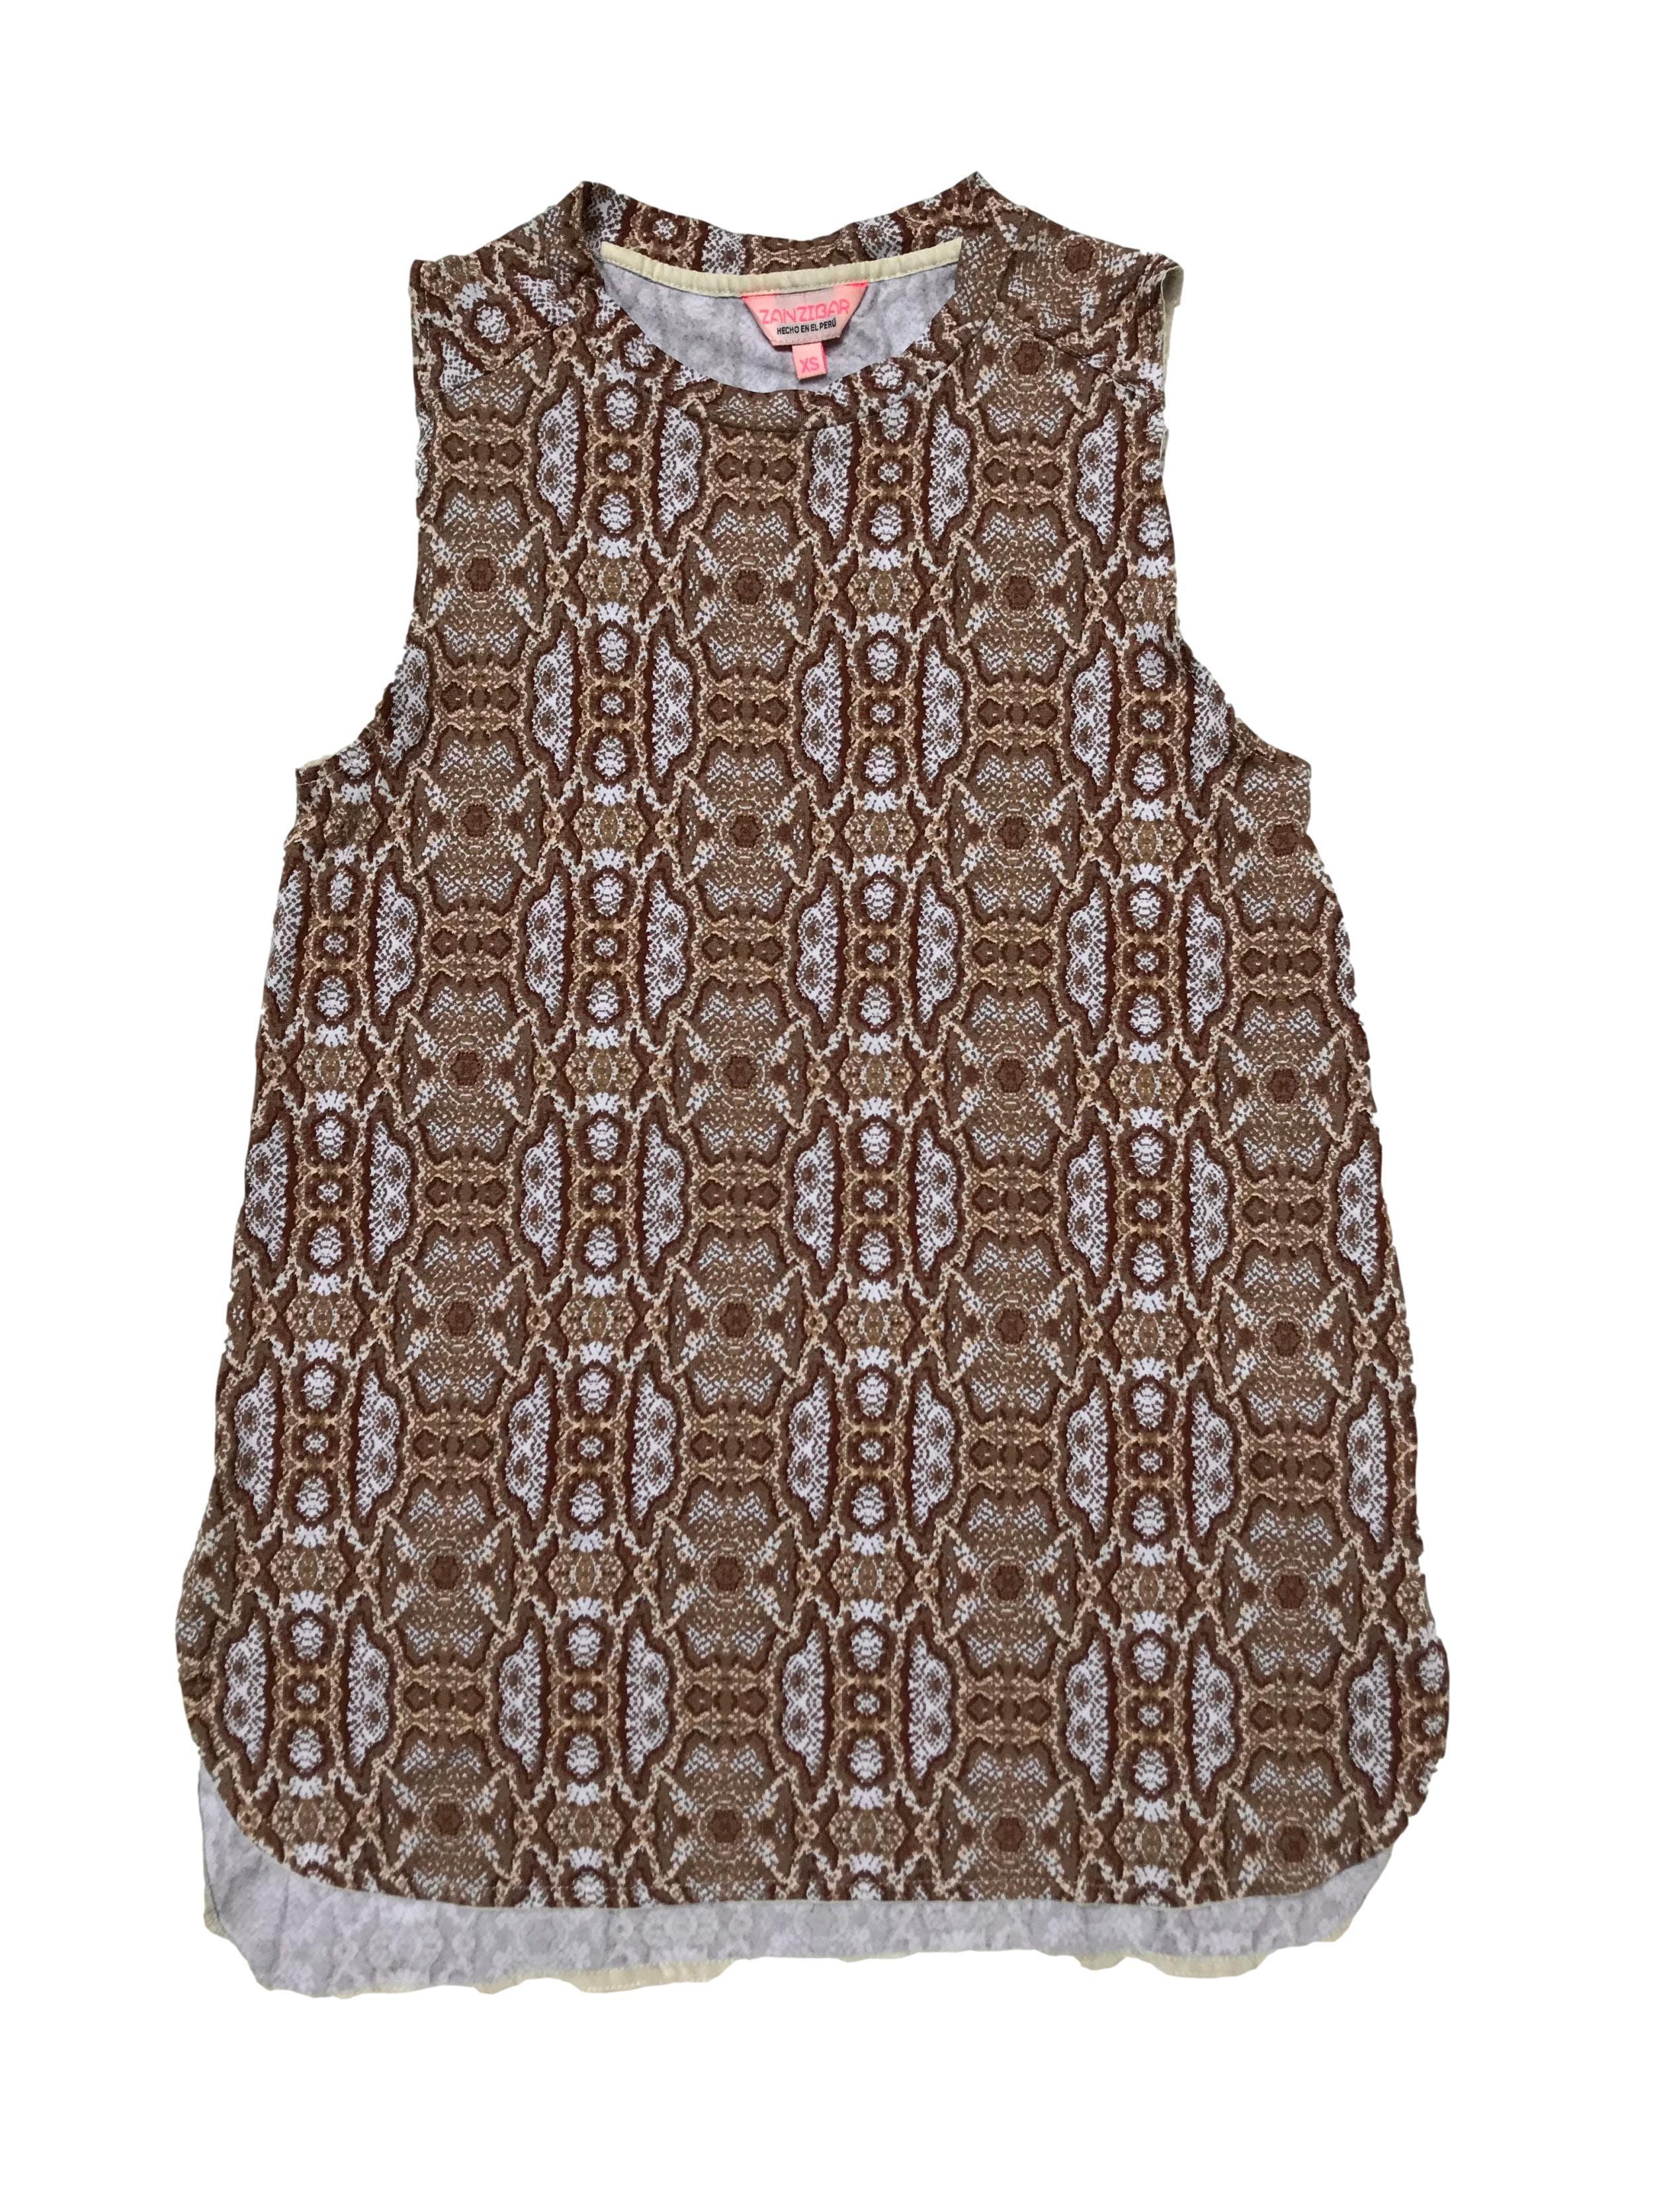 Polo Zanzibar con estampado en tonos marrones, tela tipo algodón con spandex. Largo 63cm.